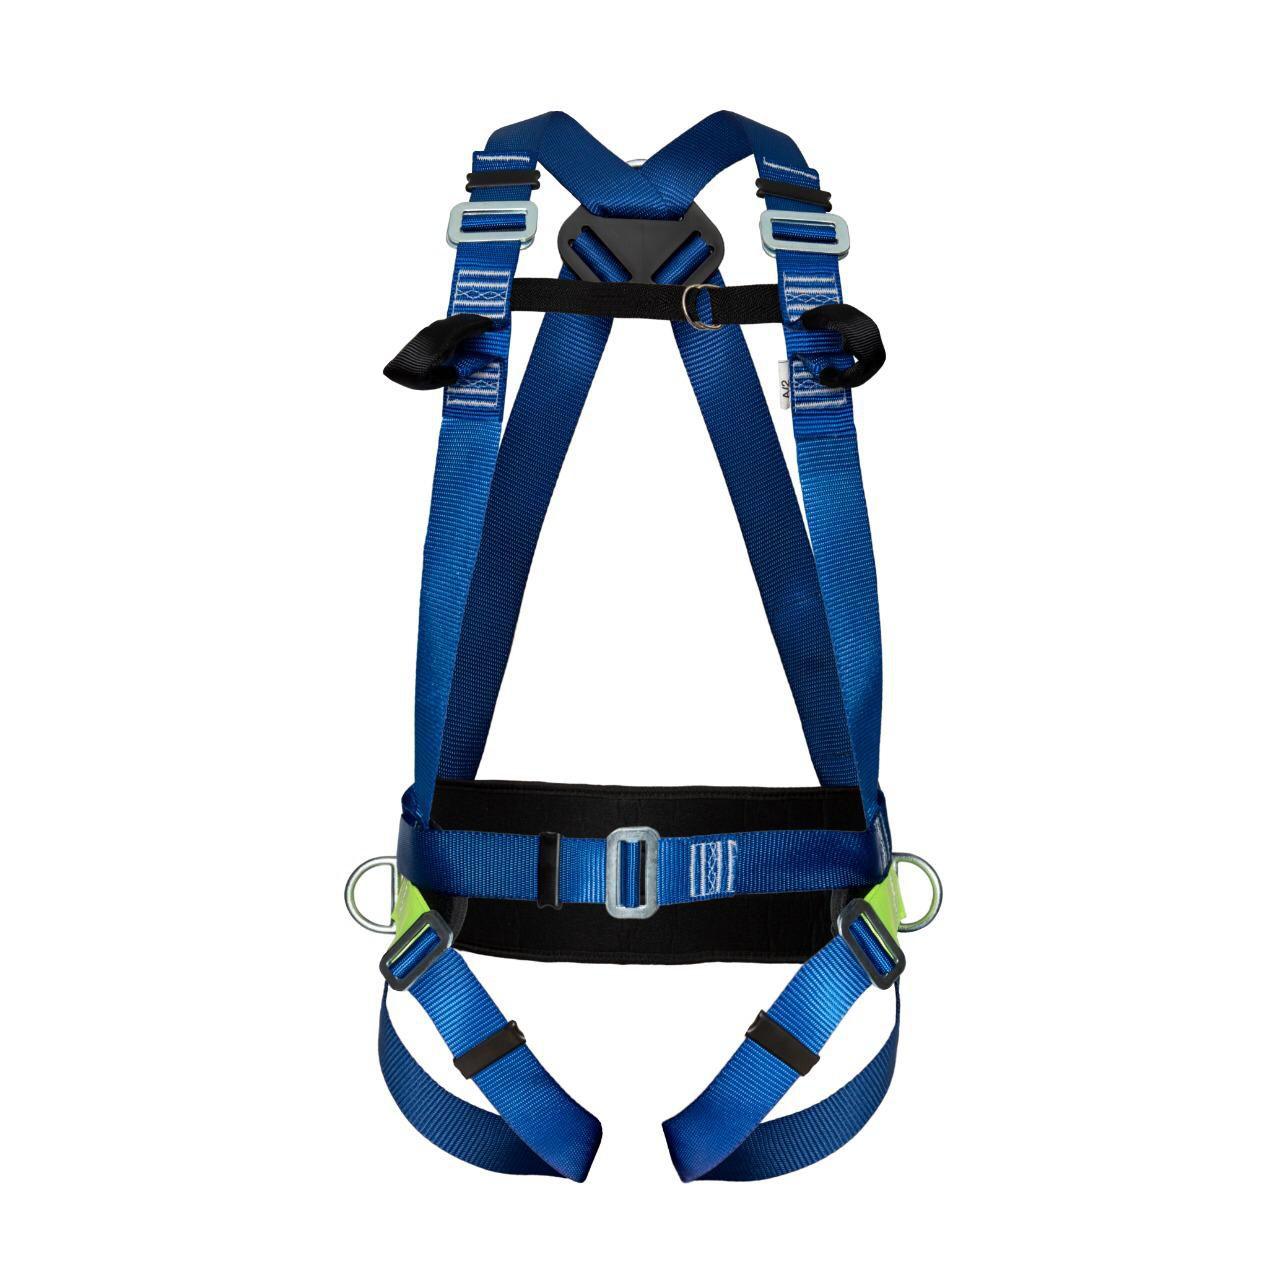 Cinturão Paraquedista 4 Ponto de Ancoragem Proteção Lombar Life 2006